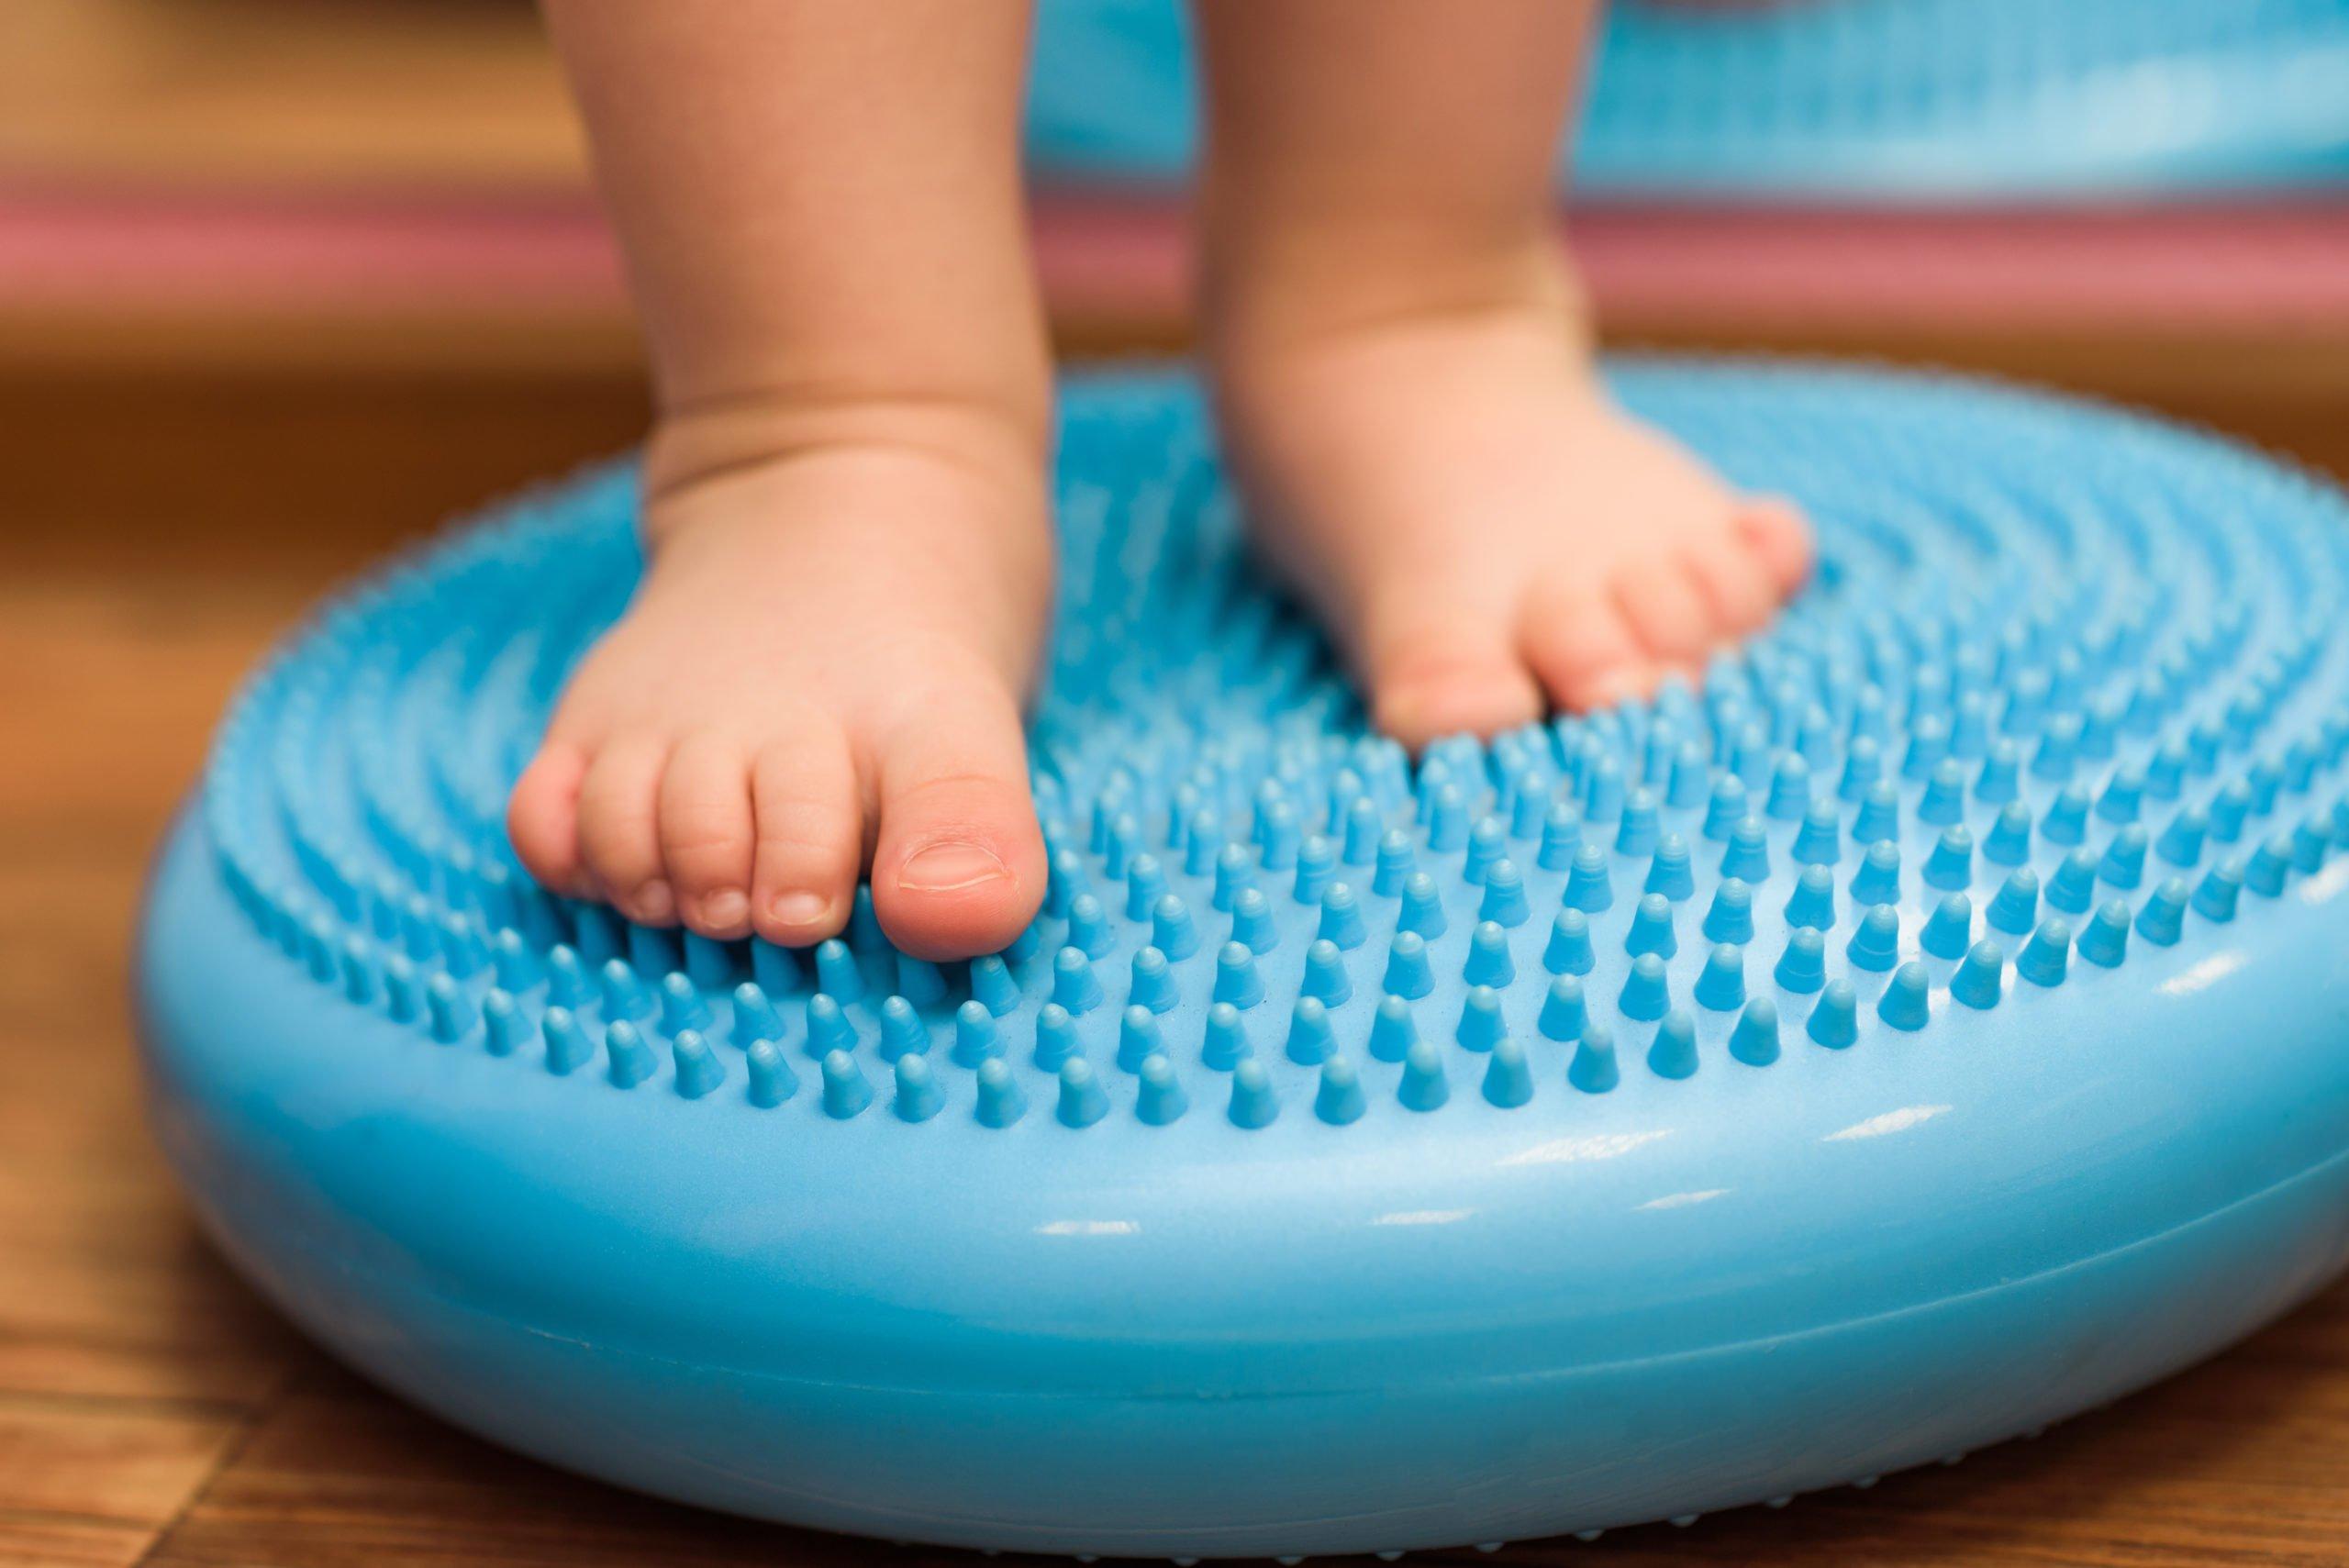 Grafika przedstawiająca stopy dziecka na gumowym narzędziu